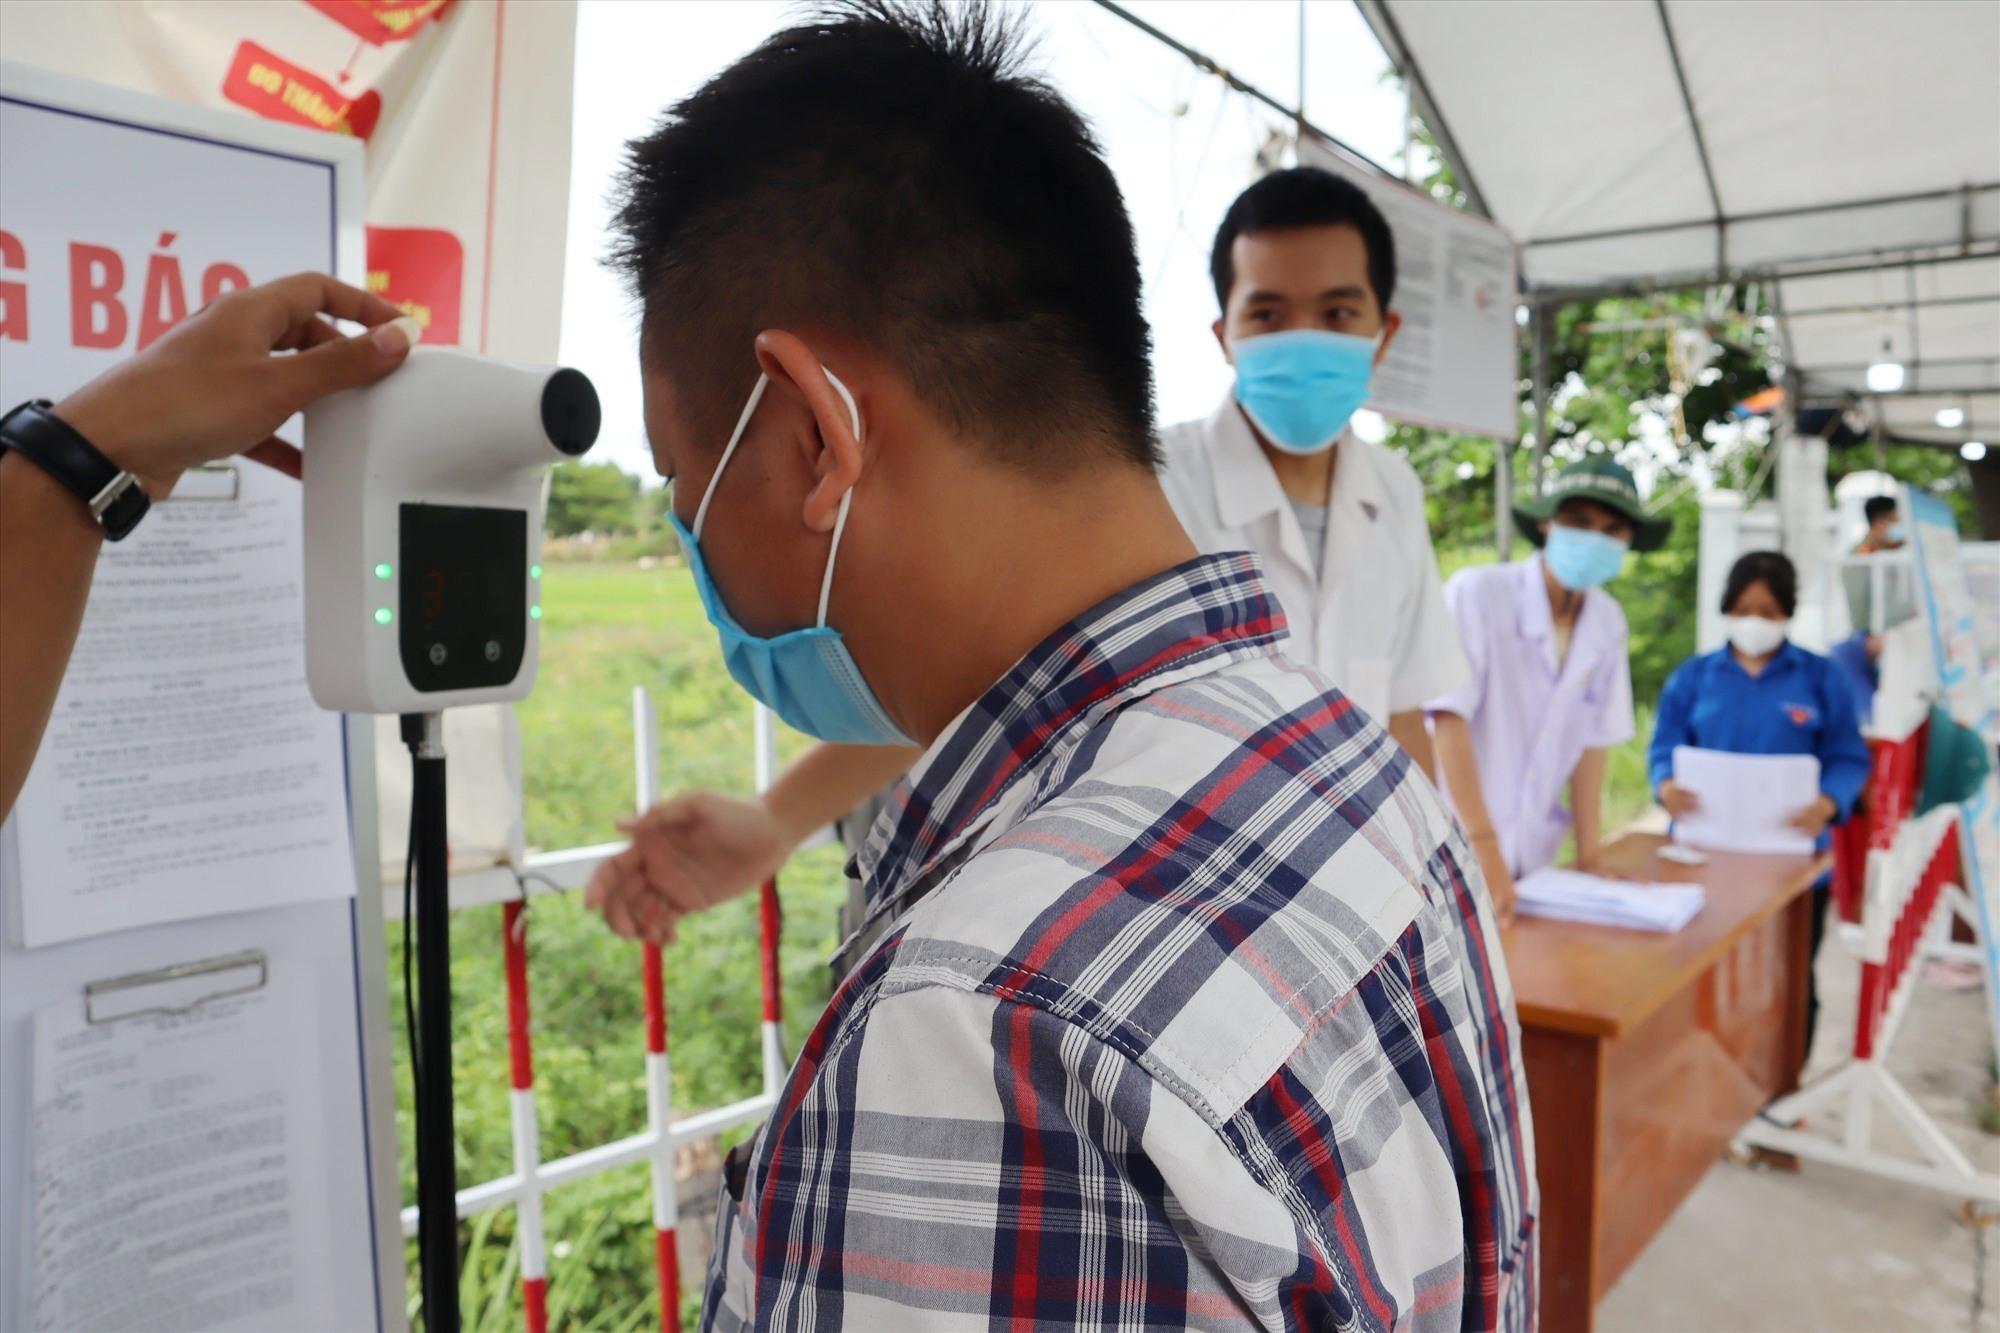 Sau khi qua chốt kiểm soát, người dân phải tiến hành các thủ tục khai báo y tế. Ảnh: Q.T